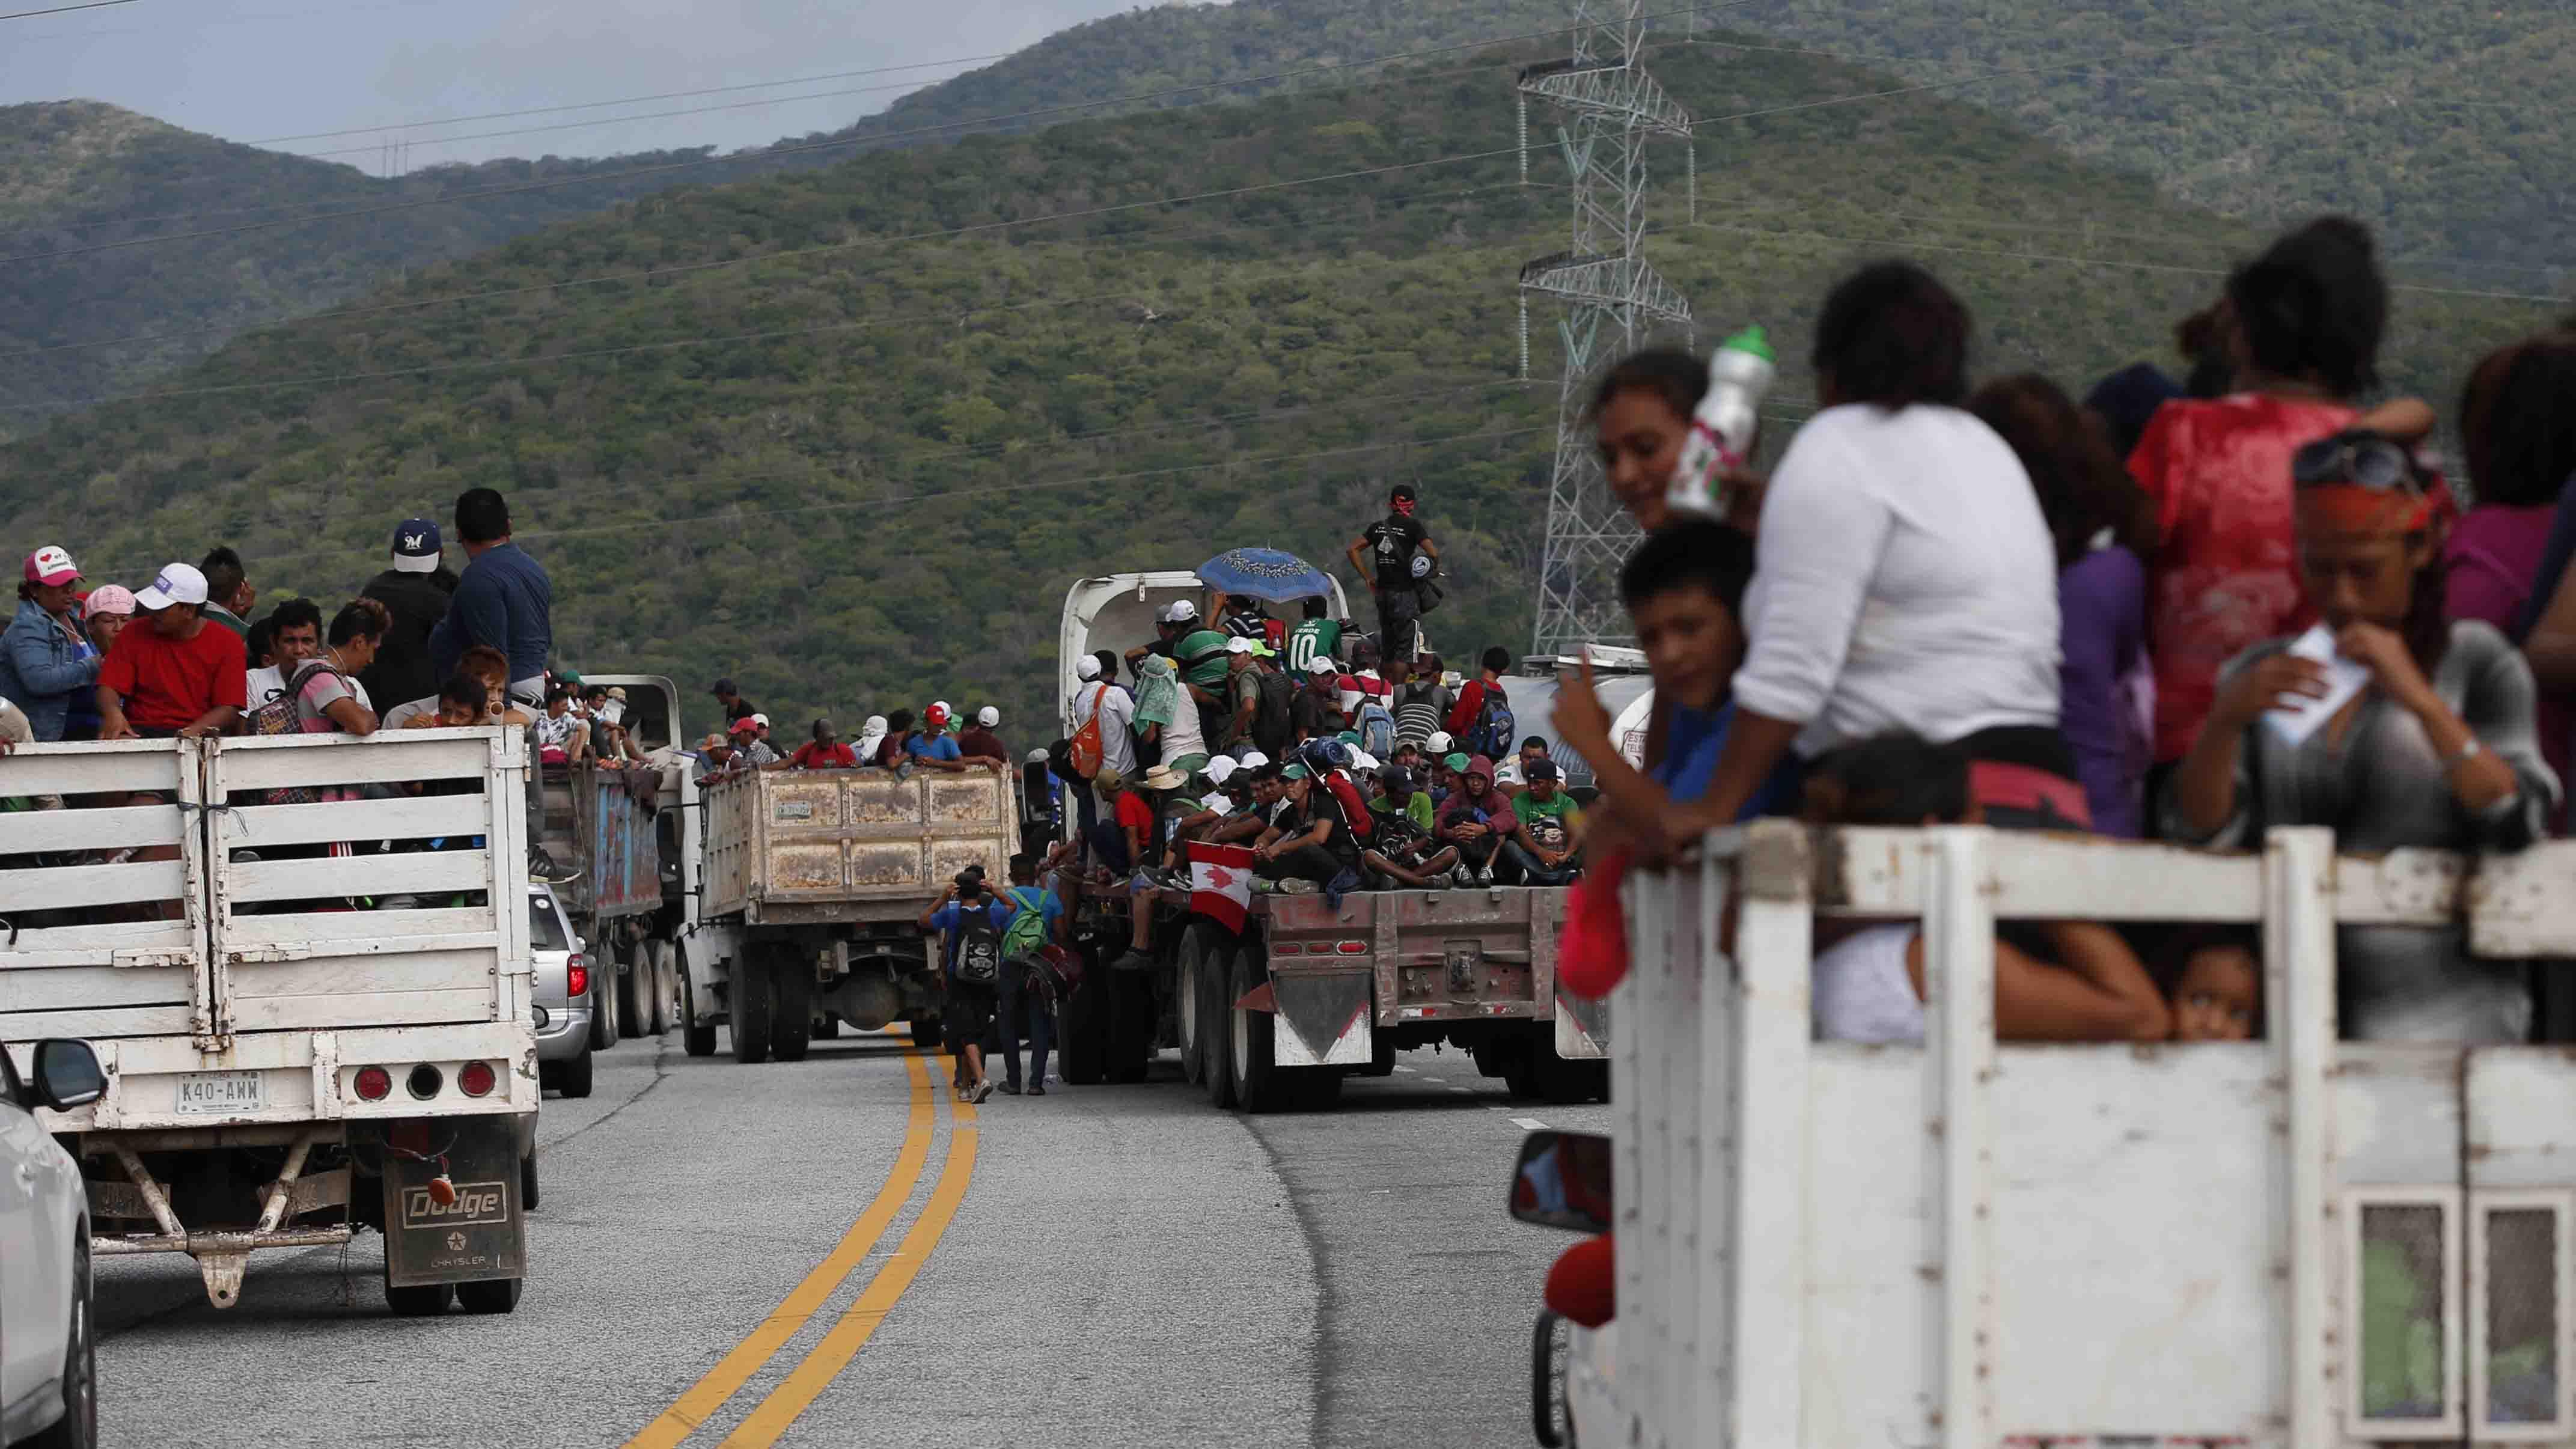 De acuerdo a ese país, unos 500 migrantes intentaron agredir y lesionar a fuerzas de seguridad en la zona fronteriza